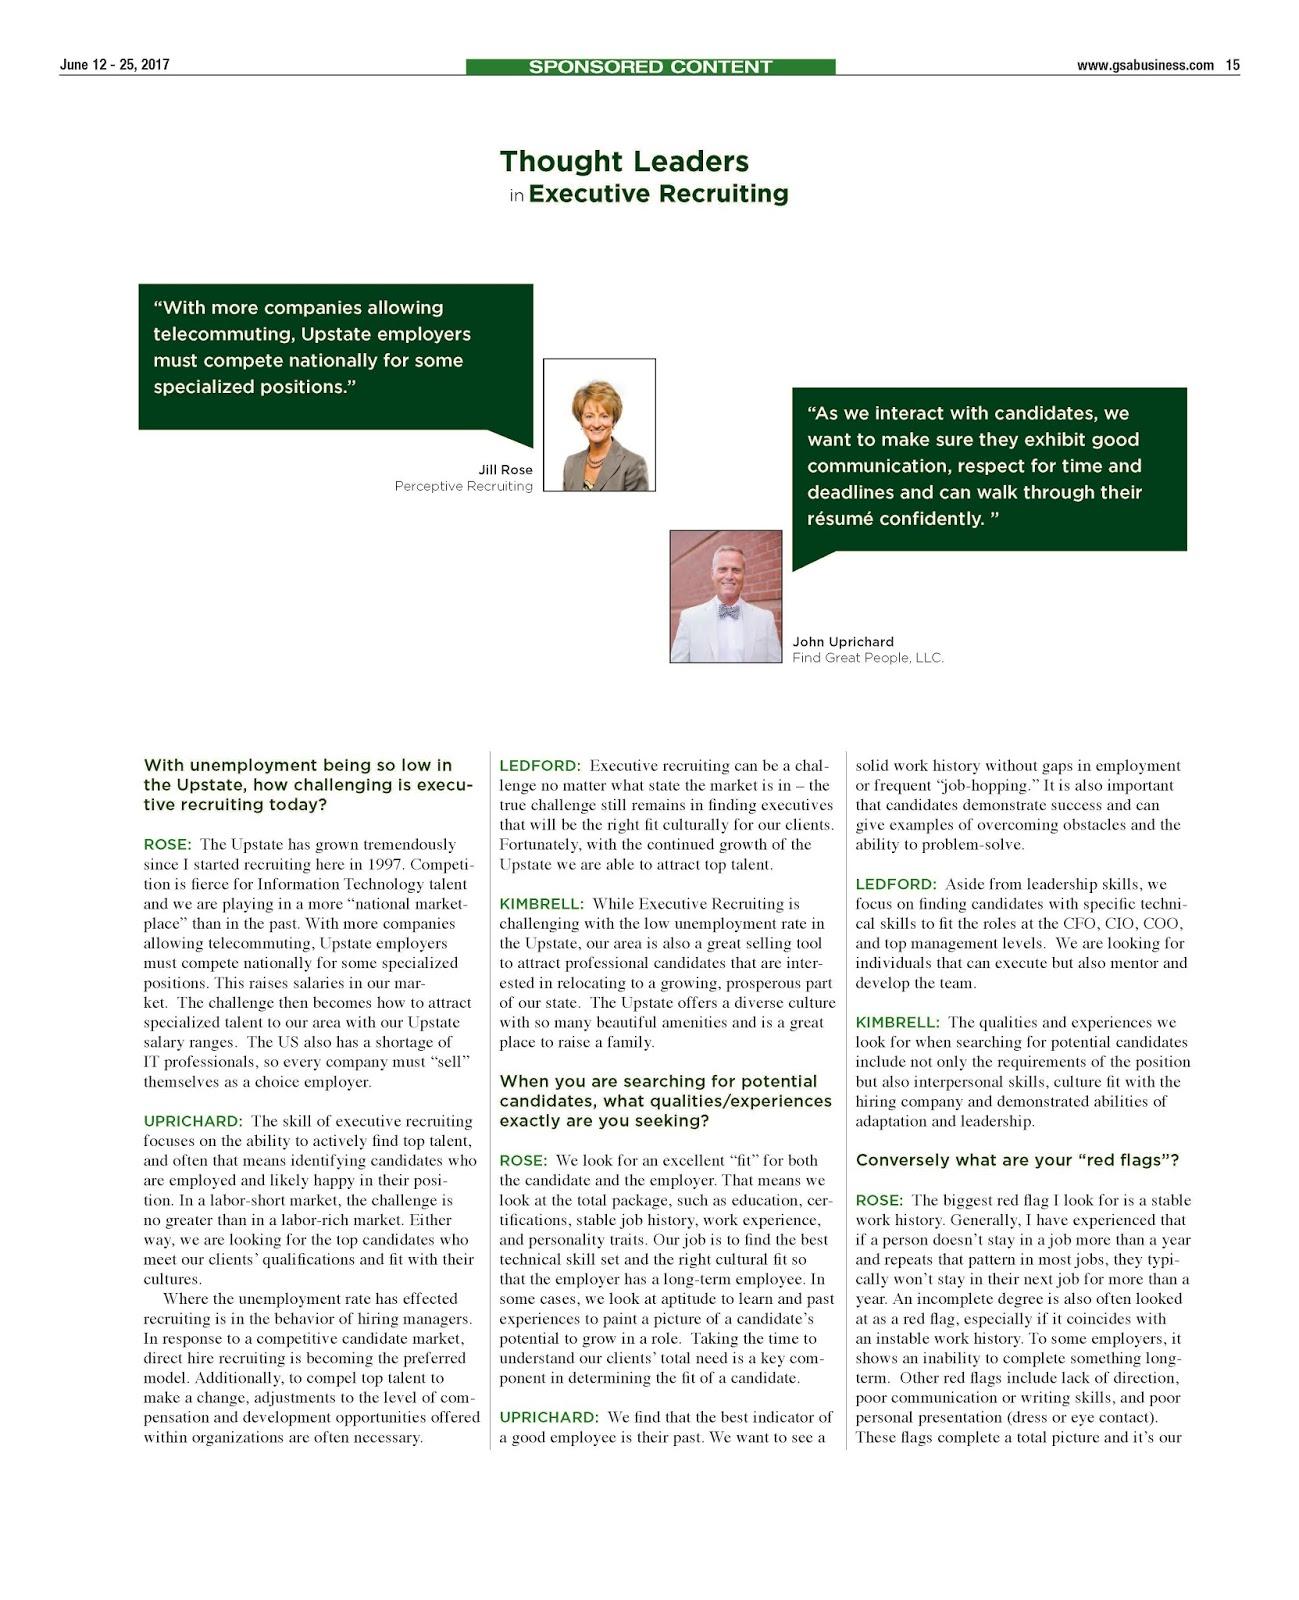 Perceptive Recruiting Featured In GSA Business Report